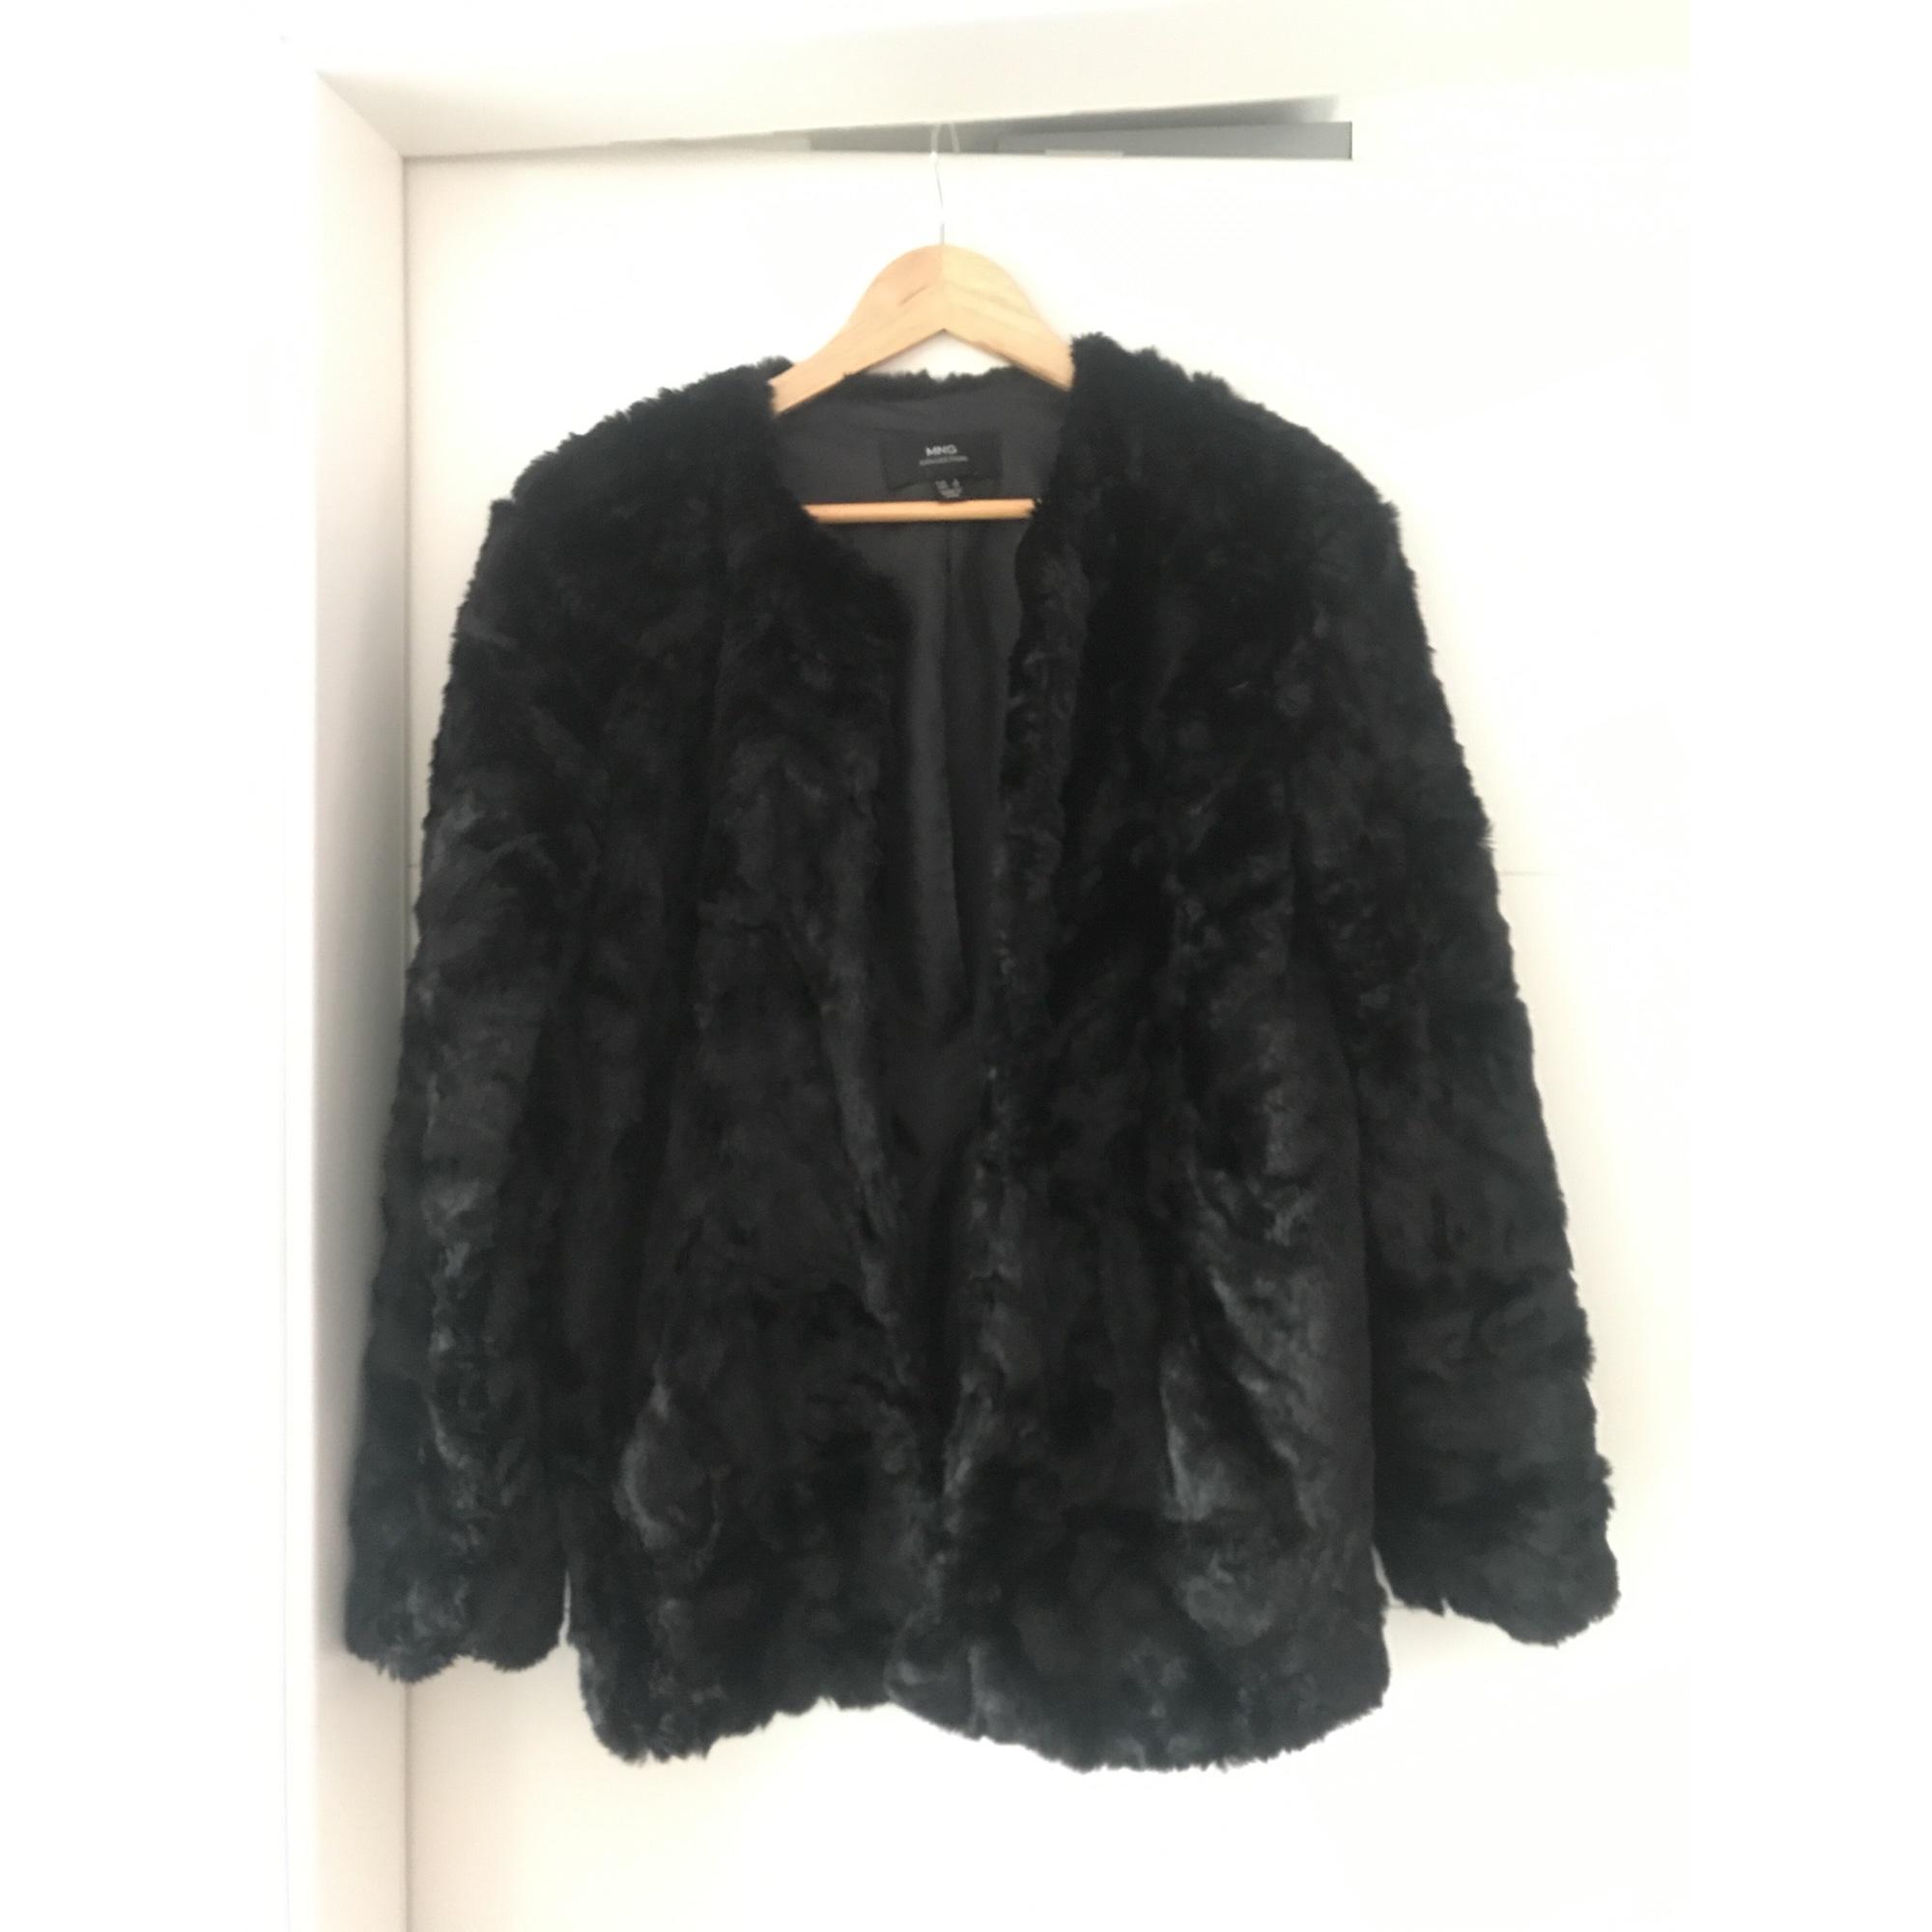 Manteau en fourrure MANGO 36 (S, T1) noir vendu par Weishaar - 6885612 6d34c55821cc